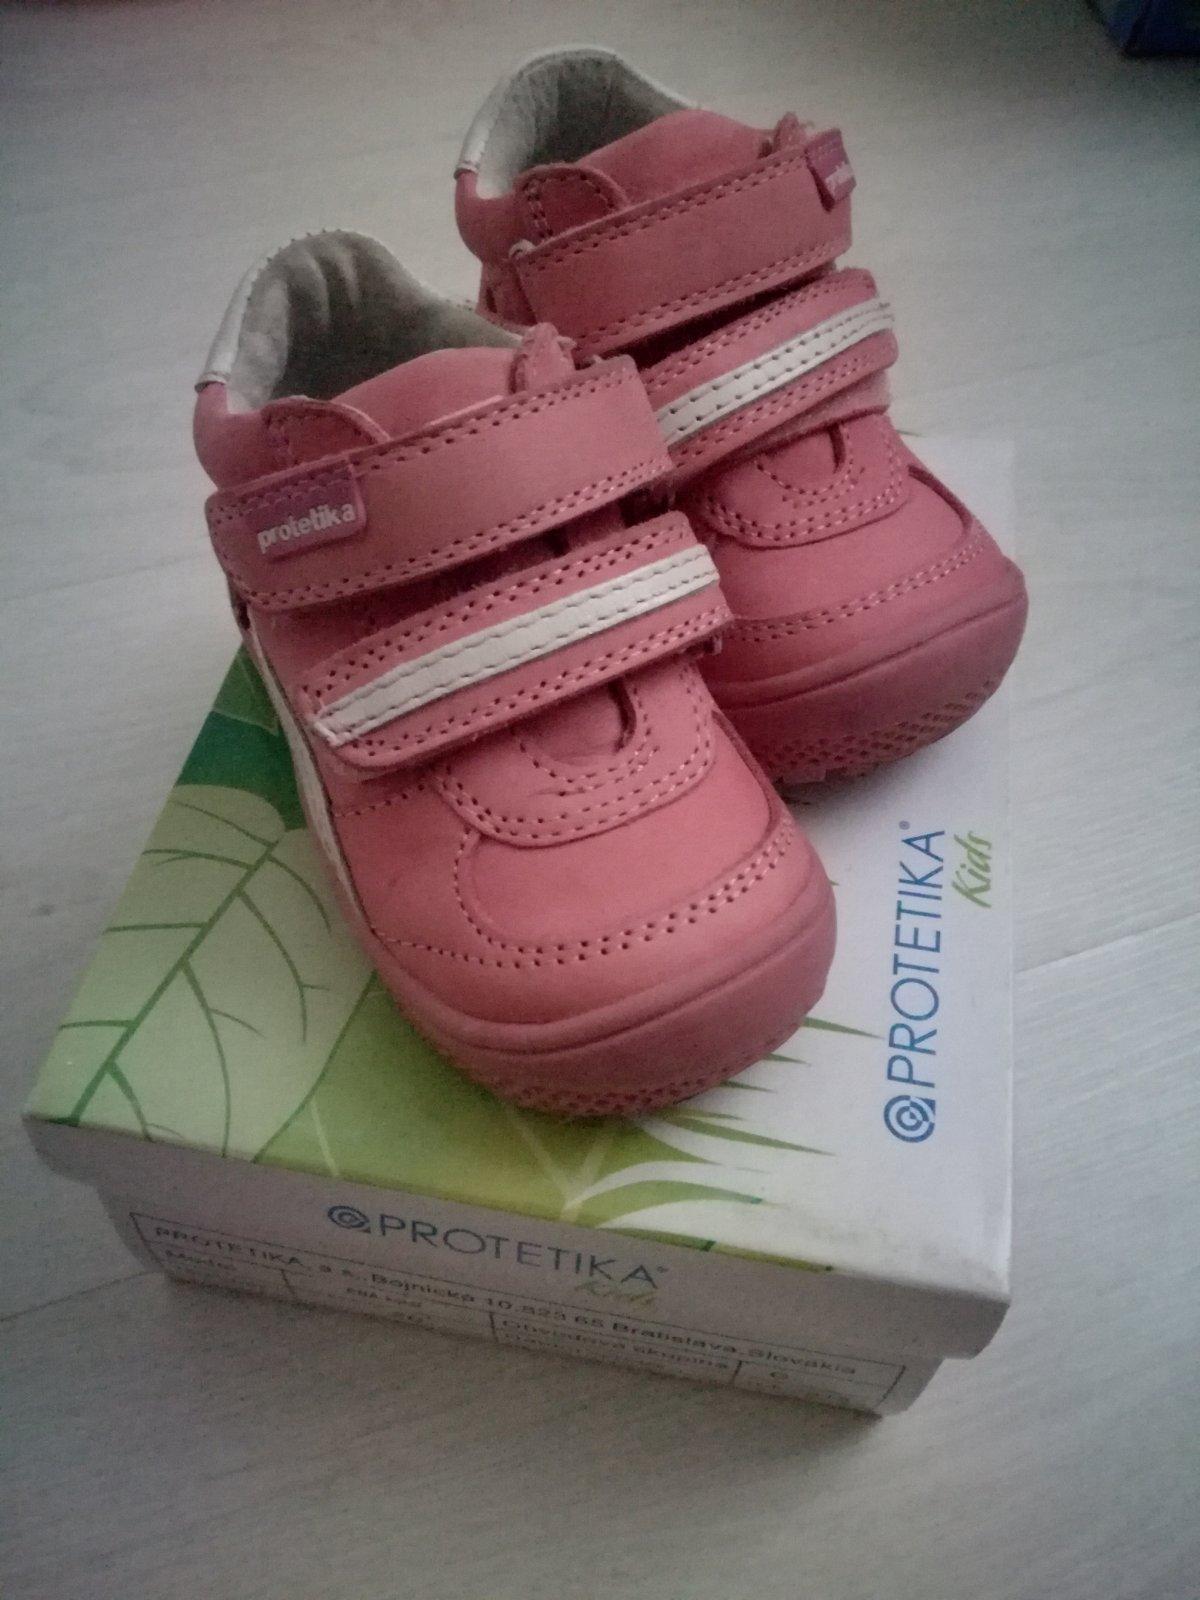 ac2d1eab8 Dievčenské topánky protetika, č. 20, protetika,20 - 13,50 € od predávajúcej  nusikka | Detský bazár | ModryKonik.sk